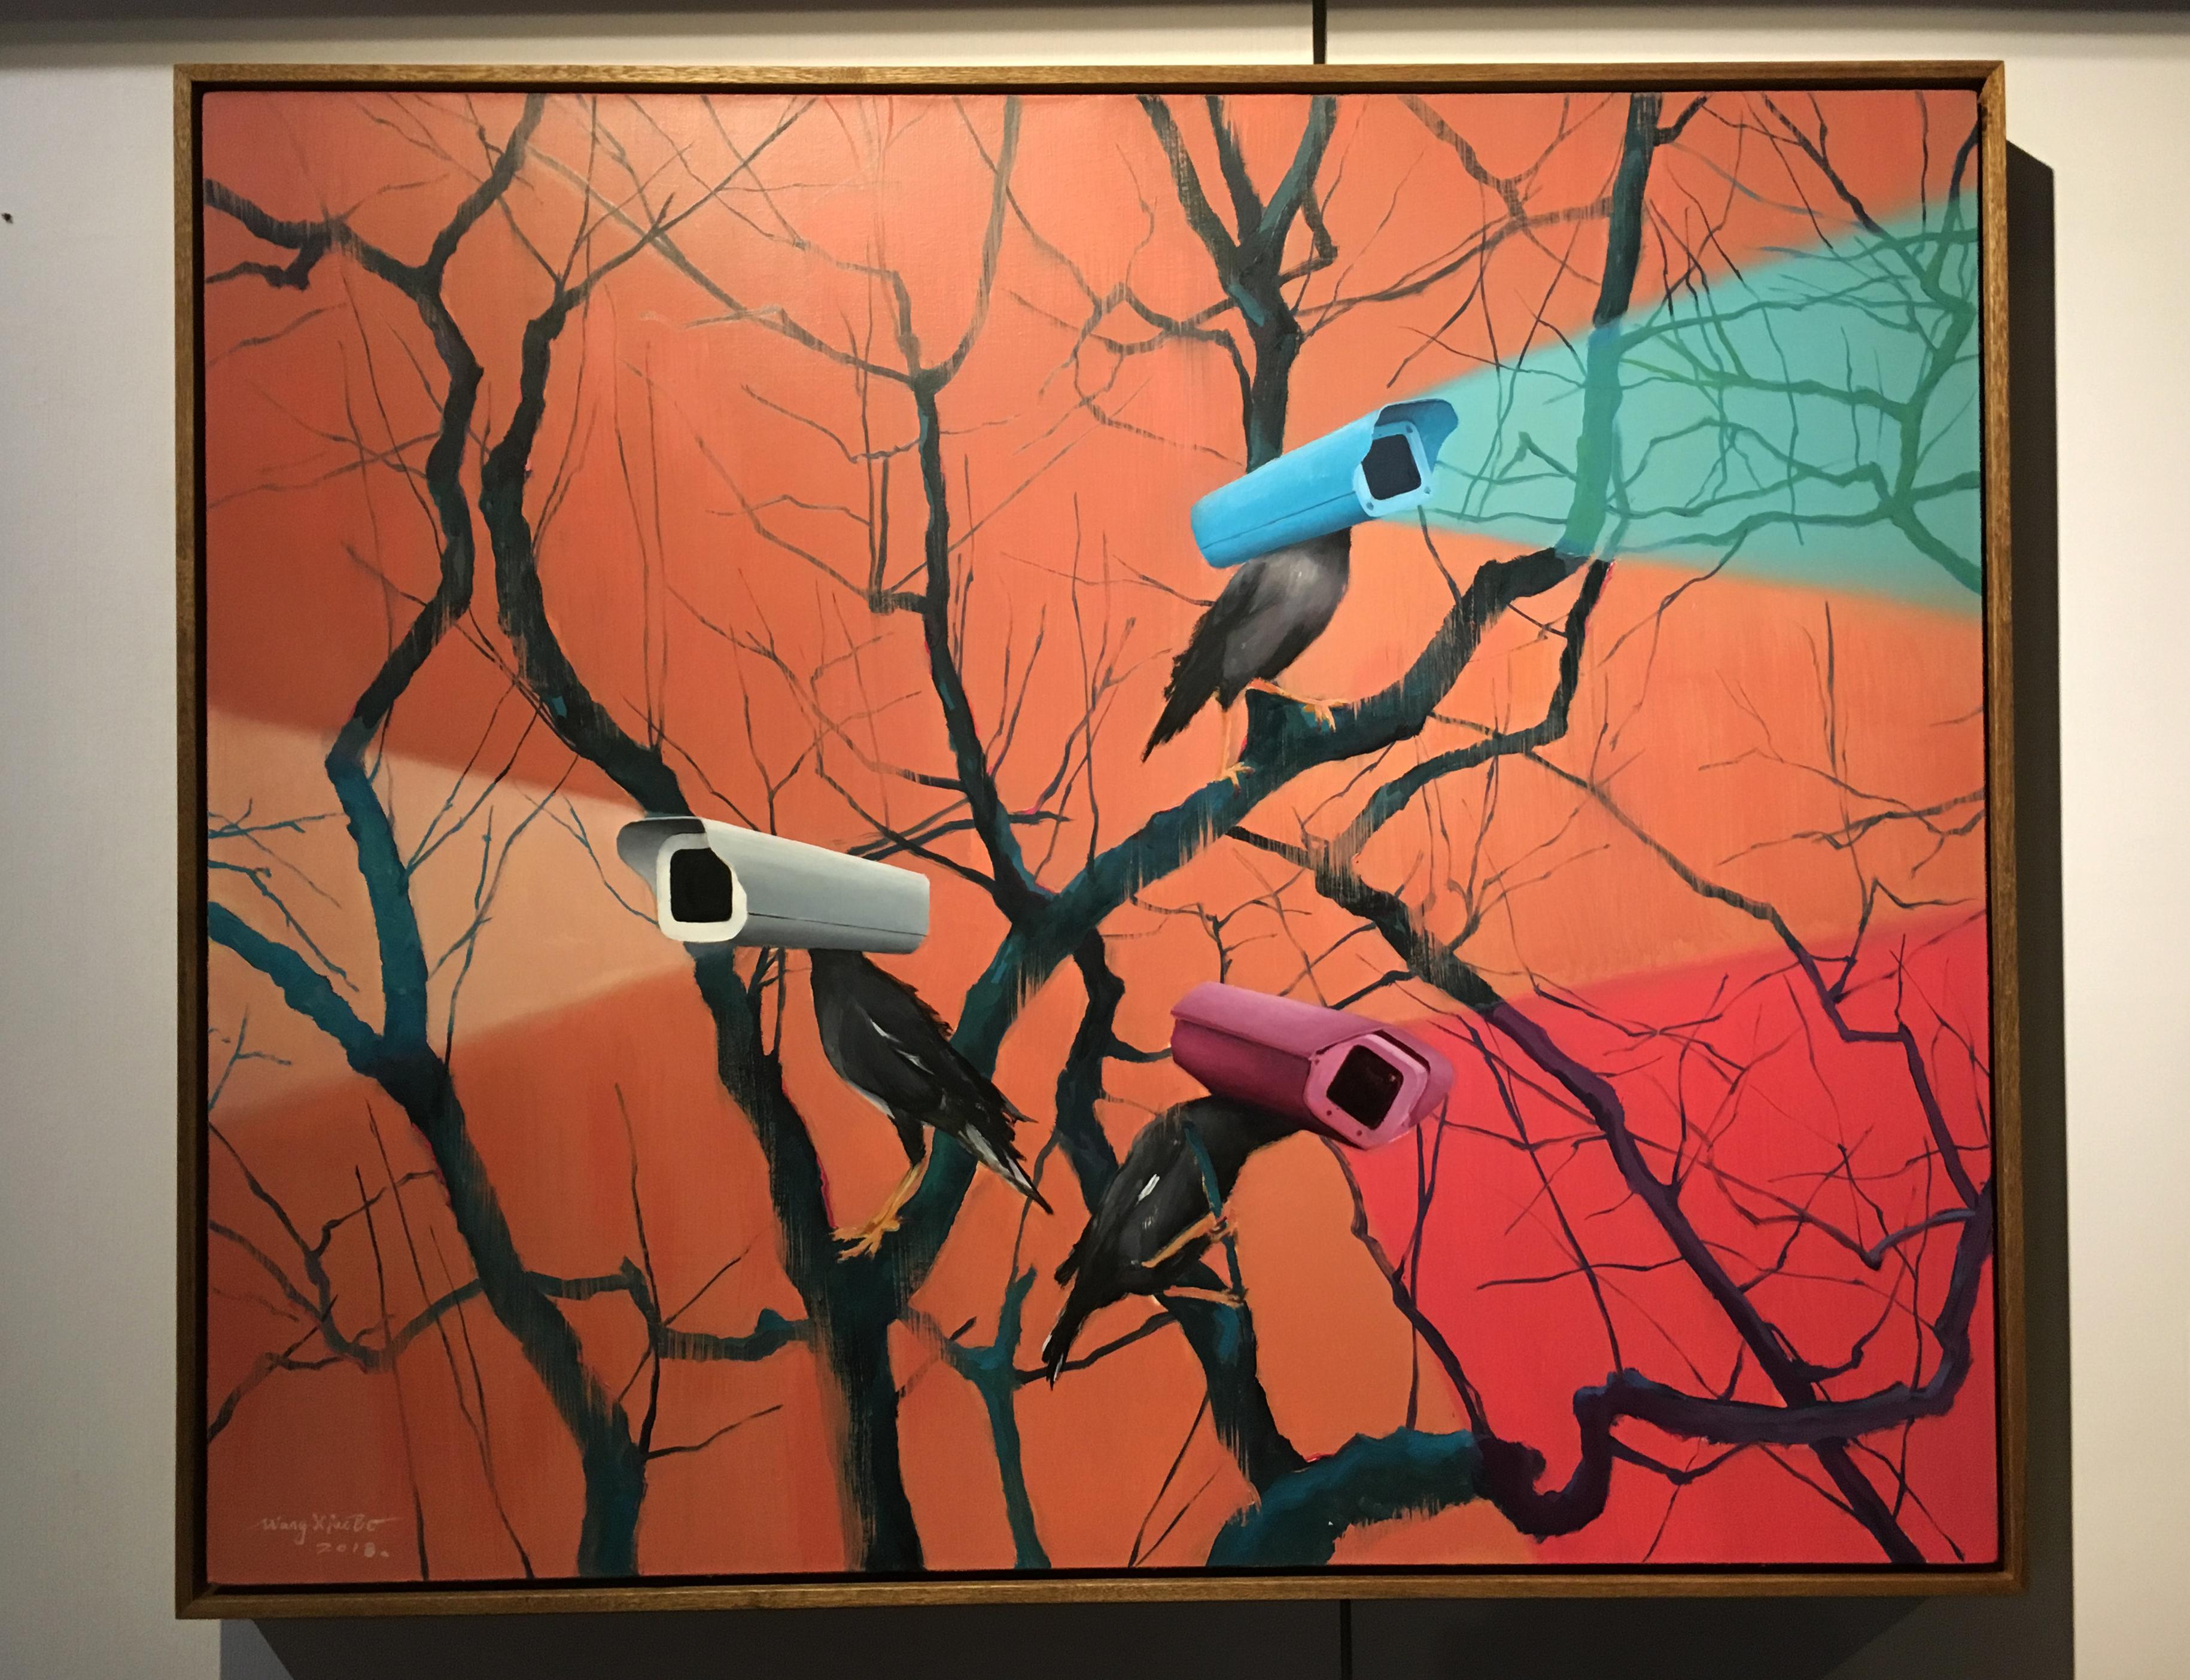 王曉勃,《目光No.3》,120 x 100 cm,布面油畫,2018。